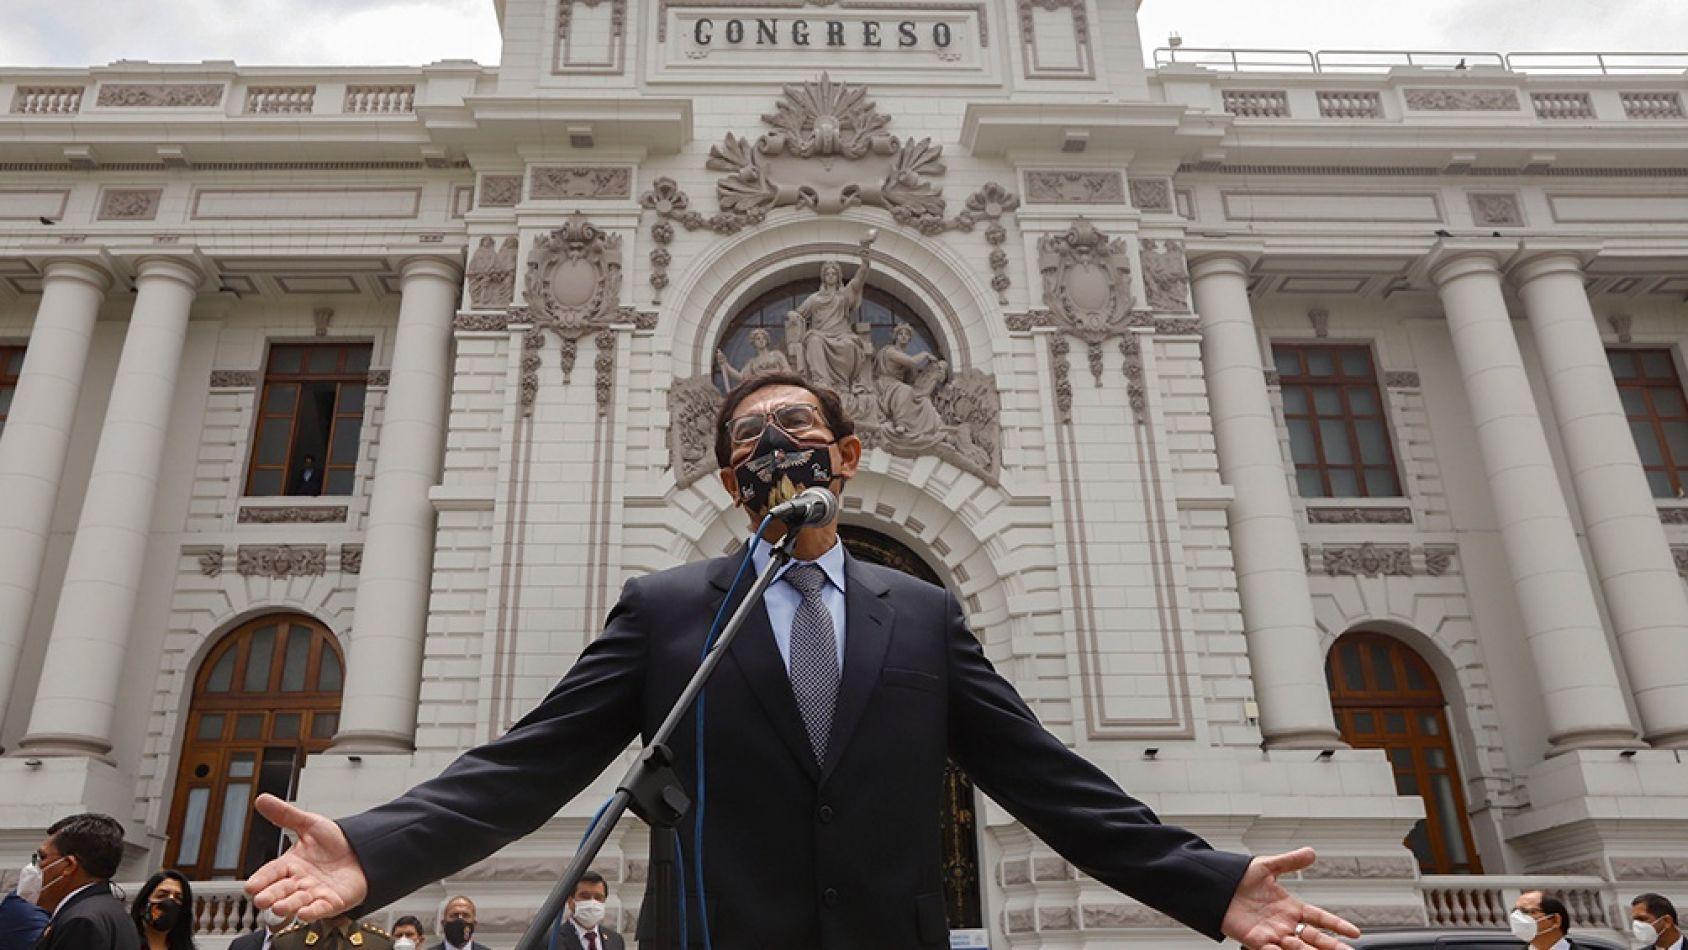 A cinco meses de las elecciones, el Congreso destituyó al presidente Vizcarra